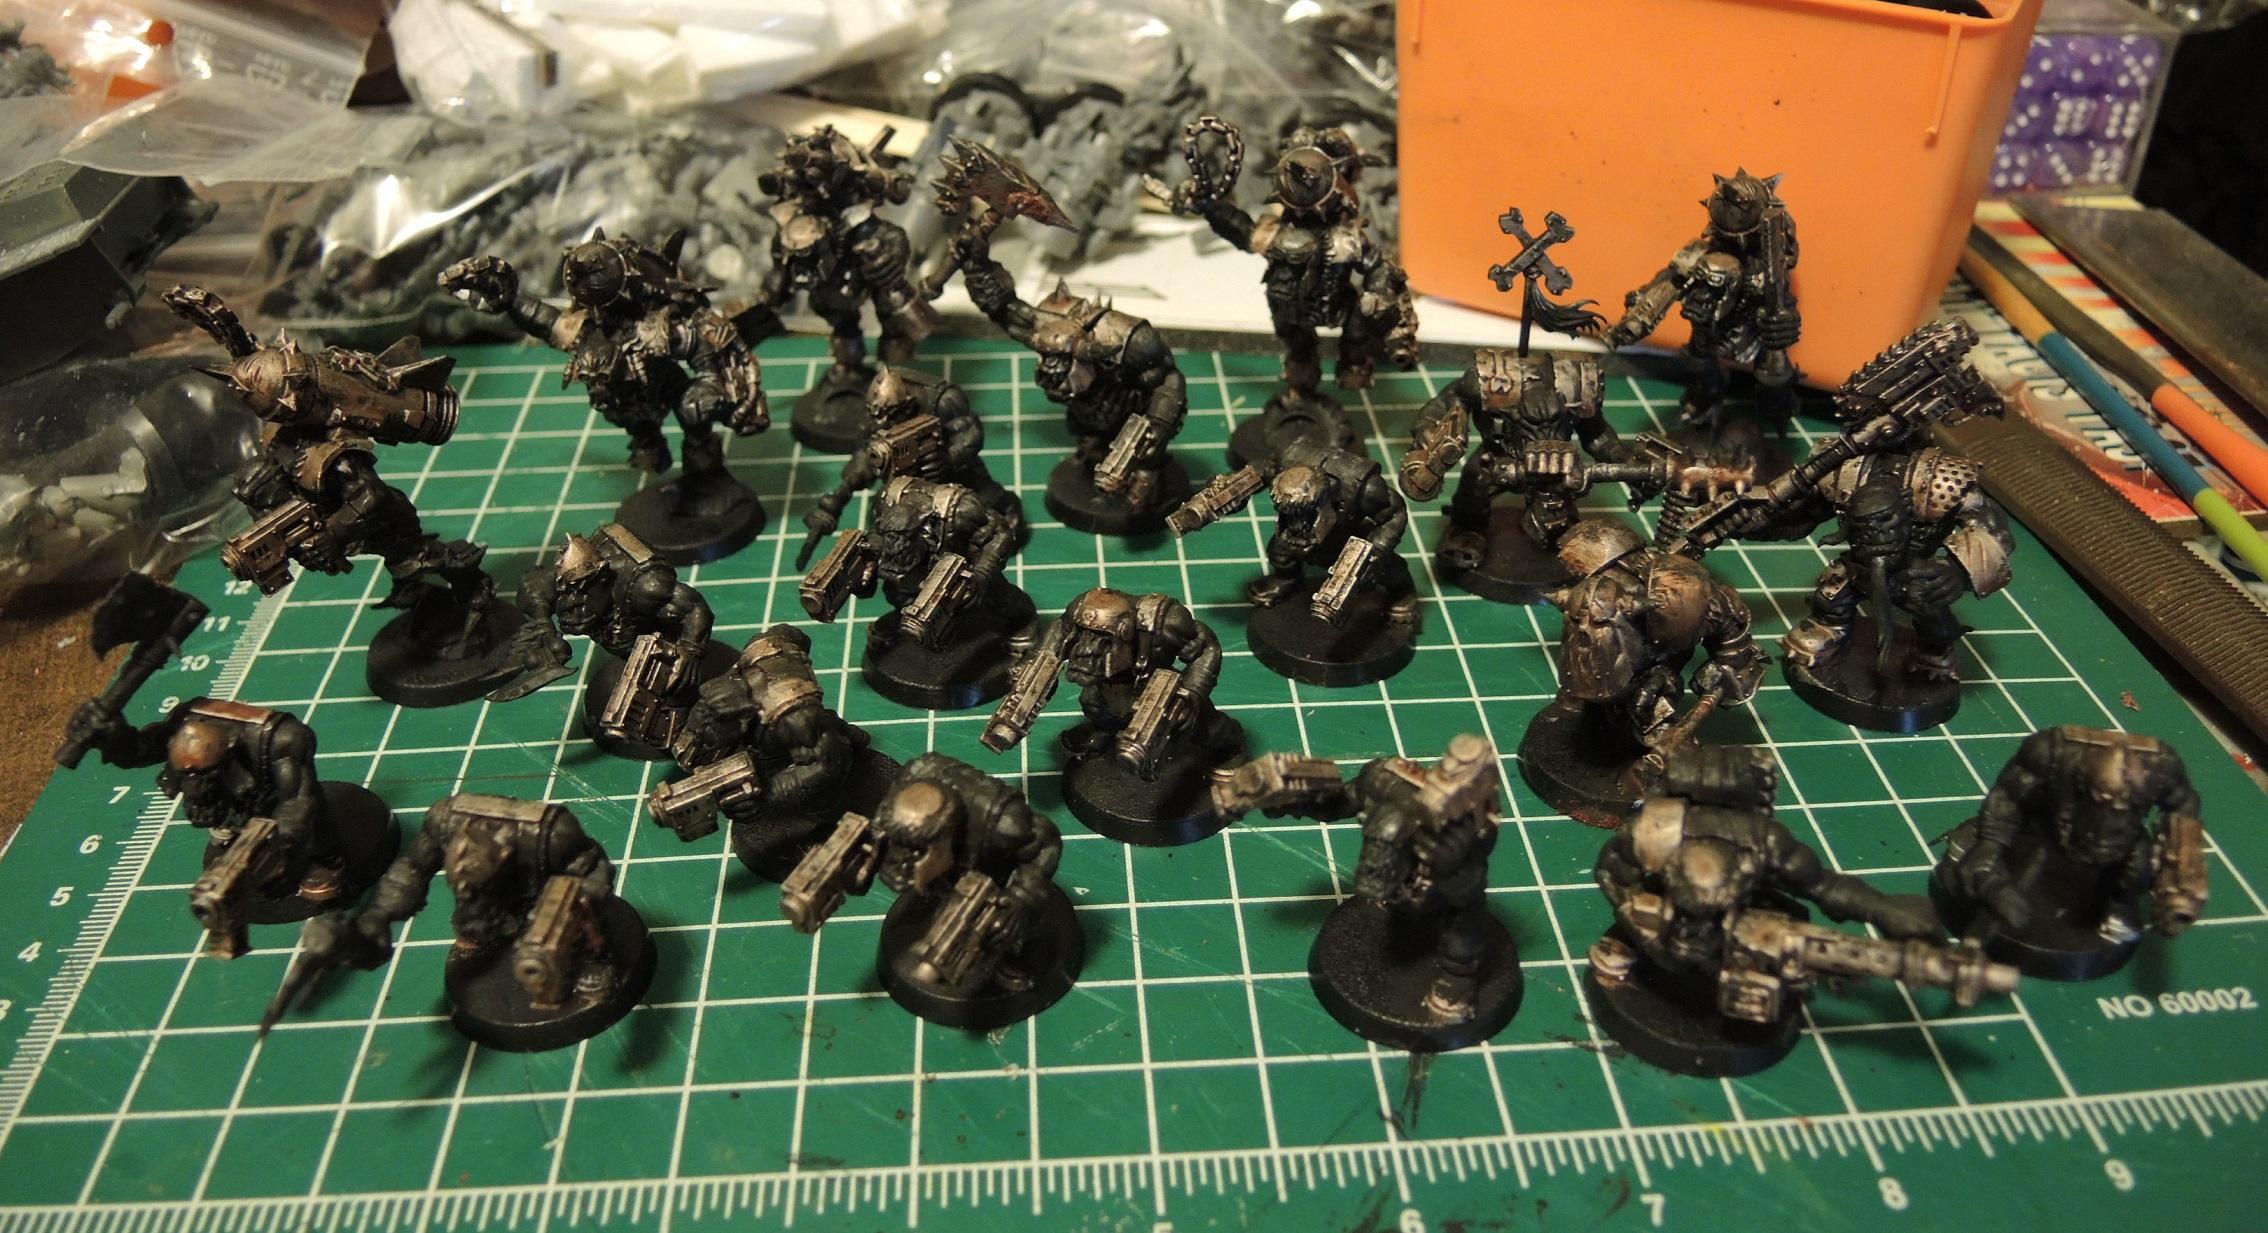 Orks!, Pip, Waaazag, Warhammer 40,000